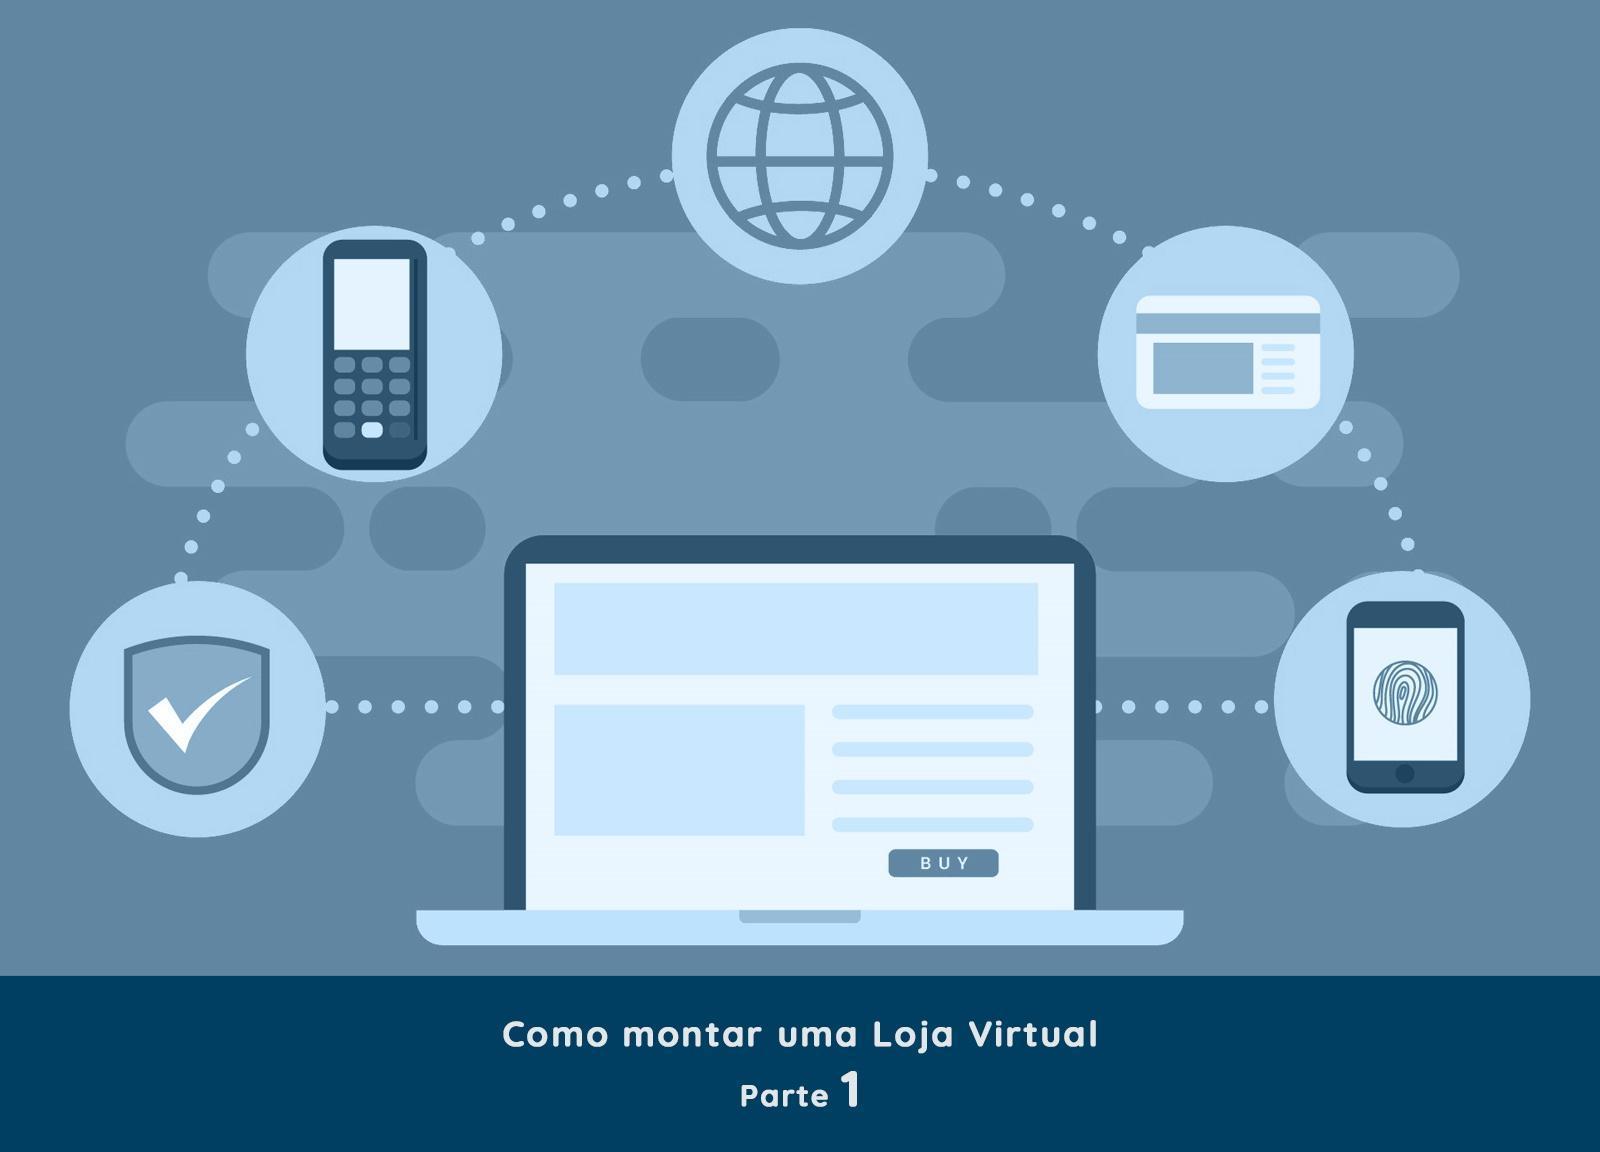 Como montar uma Loja Virtual - Parte 1